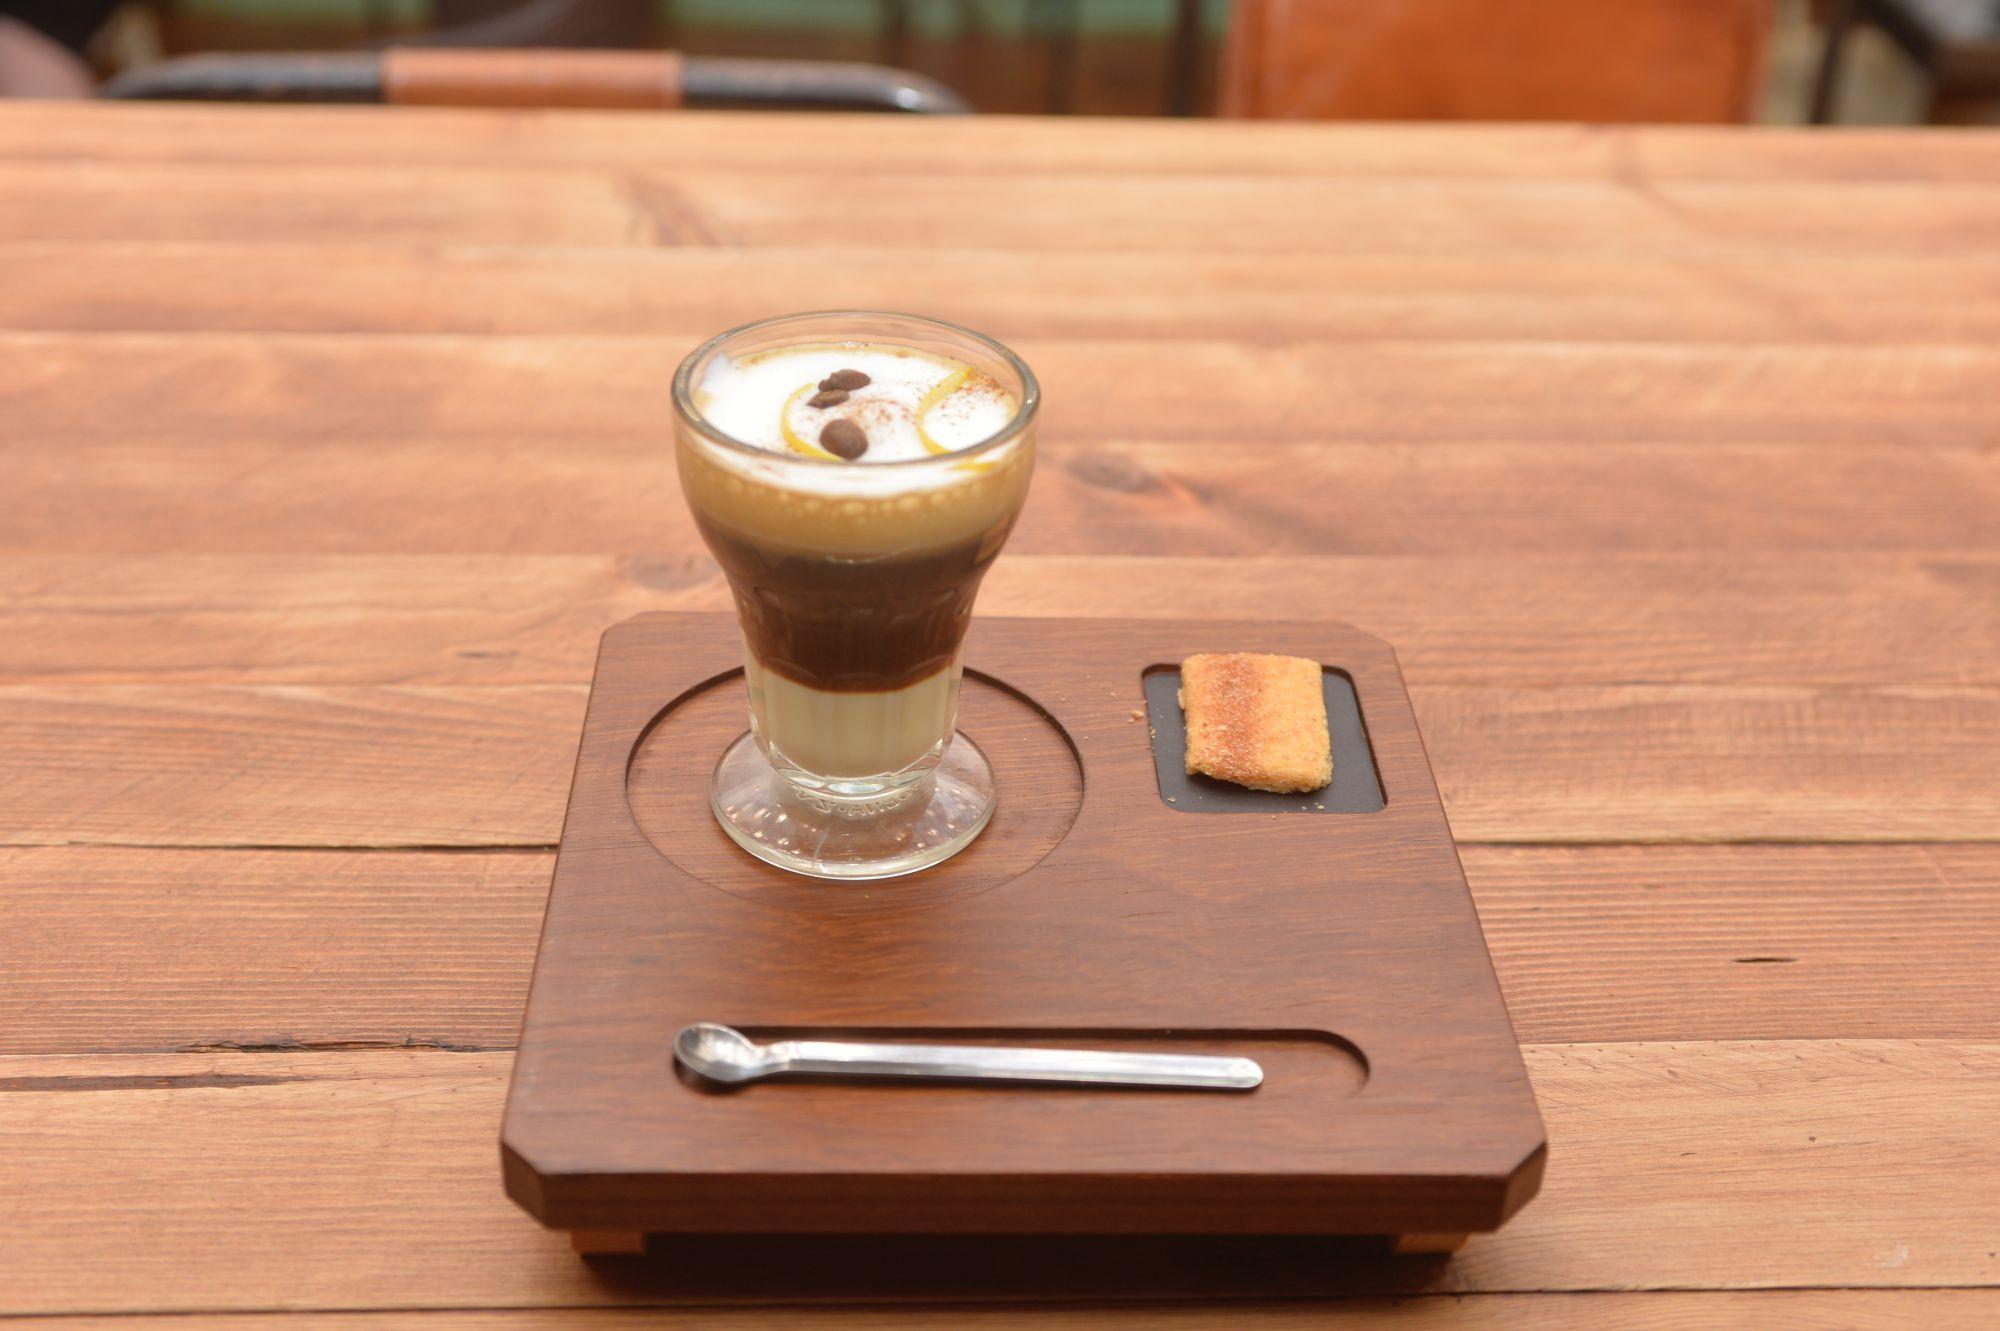 Café asiático de Cartagena (Murcia): Asiático servido en su copa